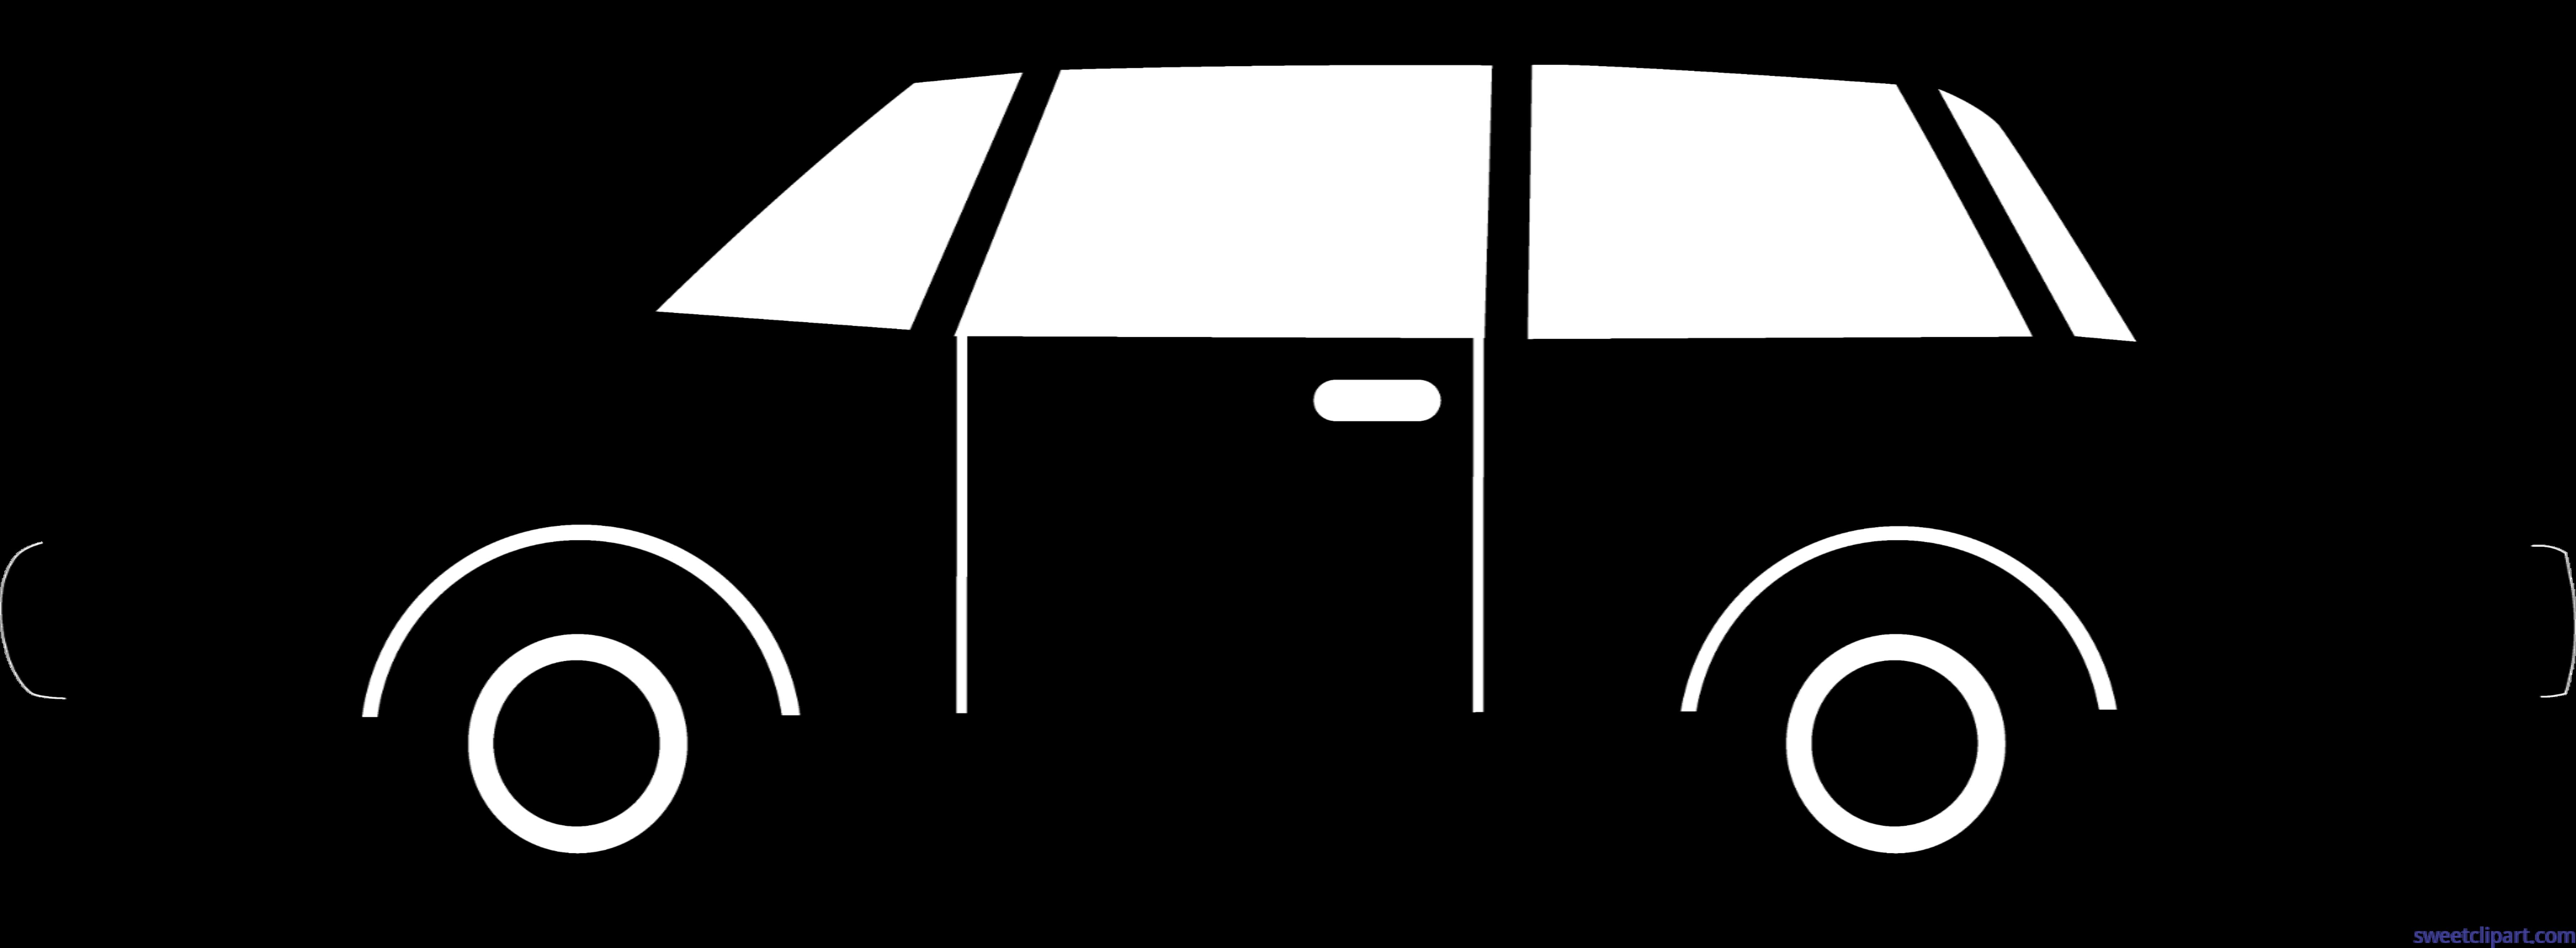 Clipart car silhouette. Clip art sweet